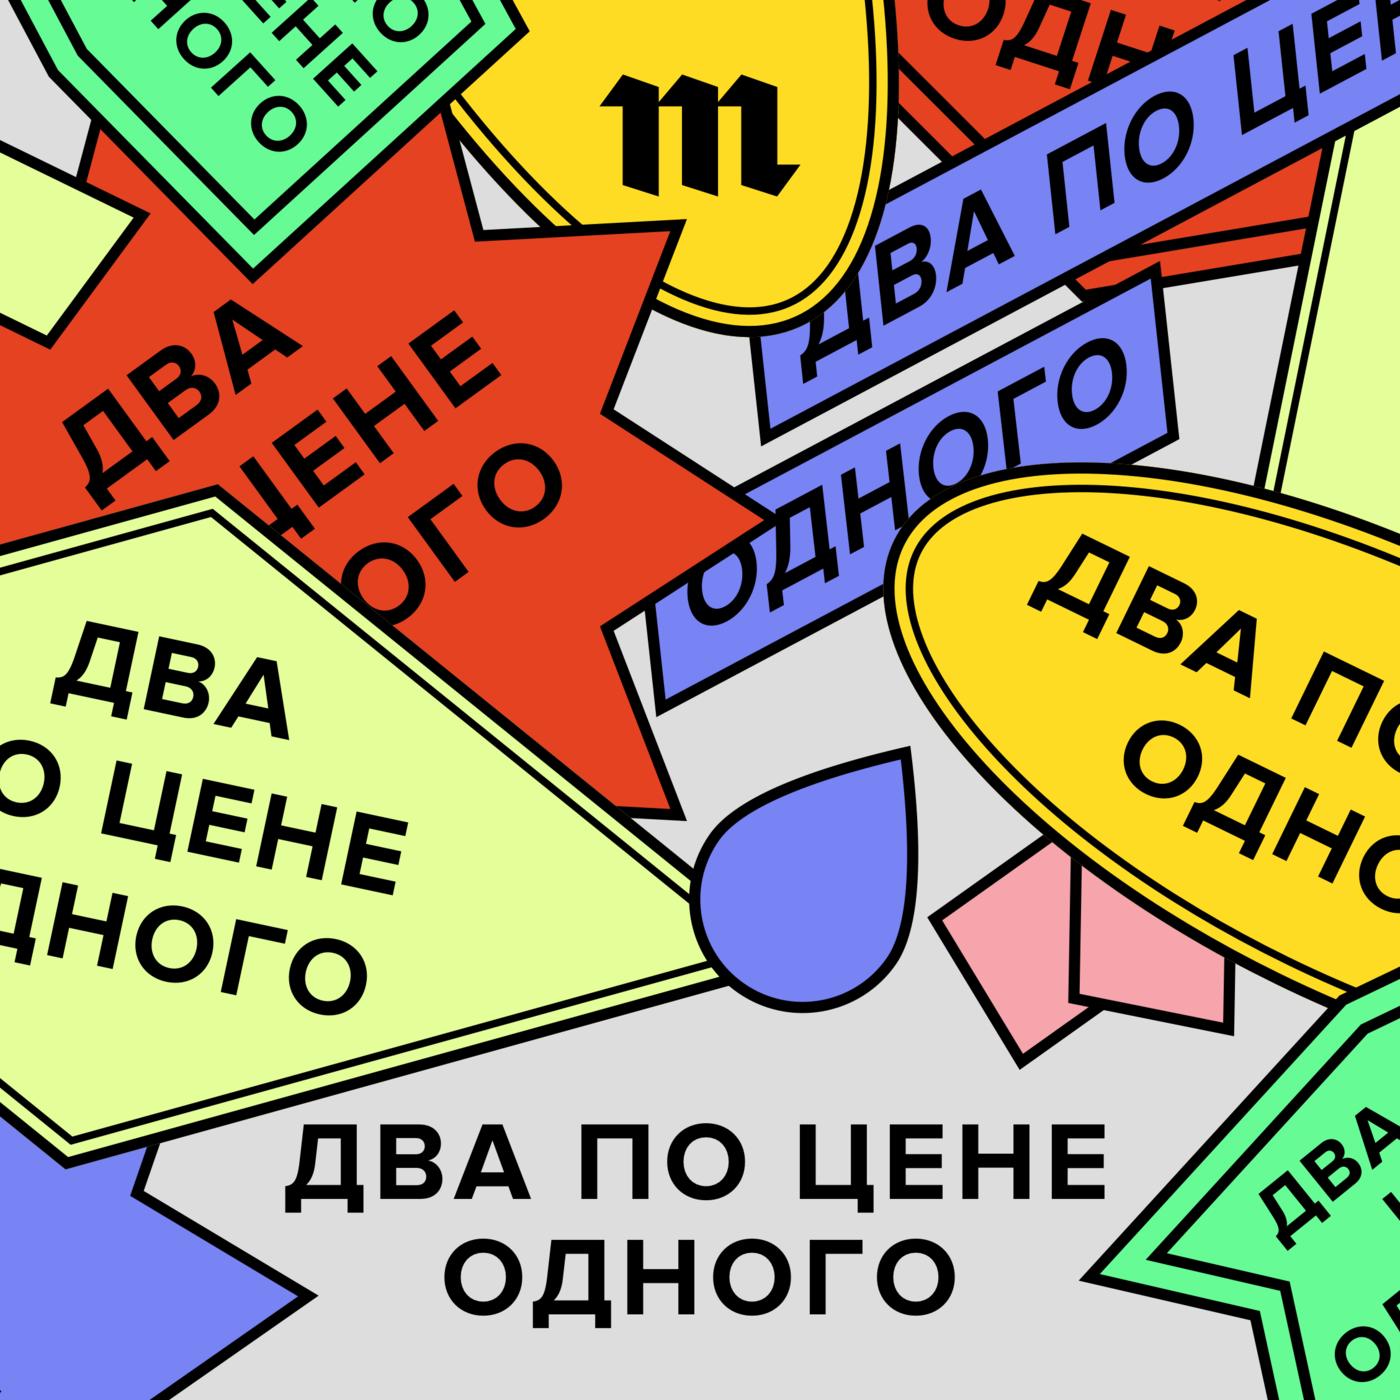 Илья Красильщик Роуминг — зло, платные сервисы — ад. Зачем нам на самом деле телефон? телефон